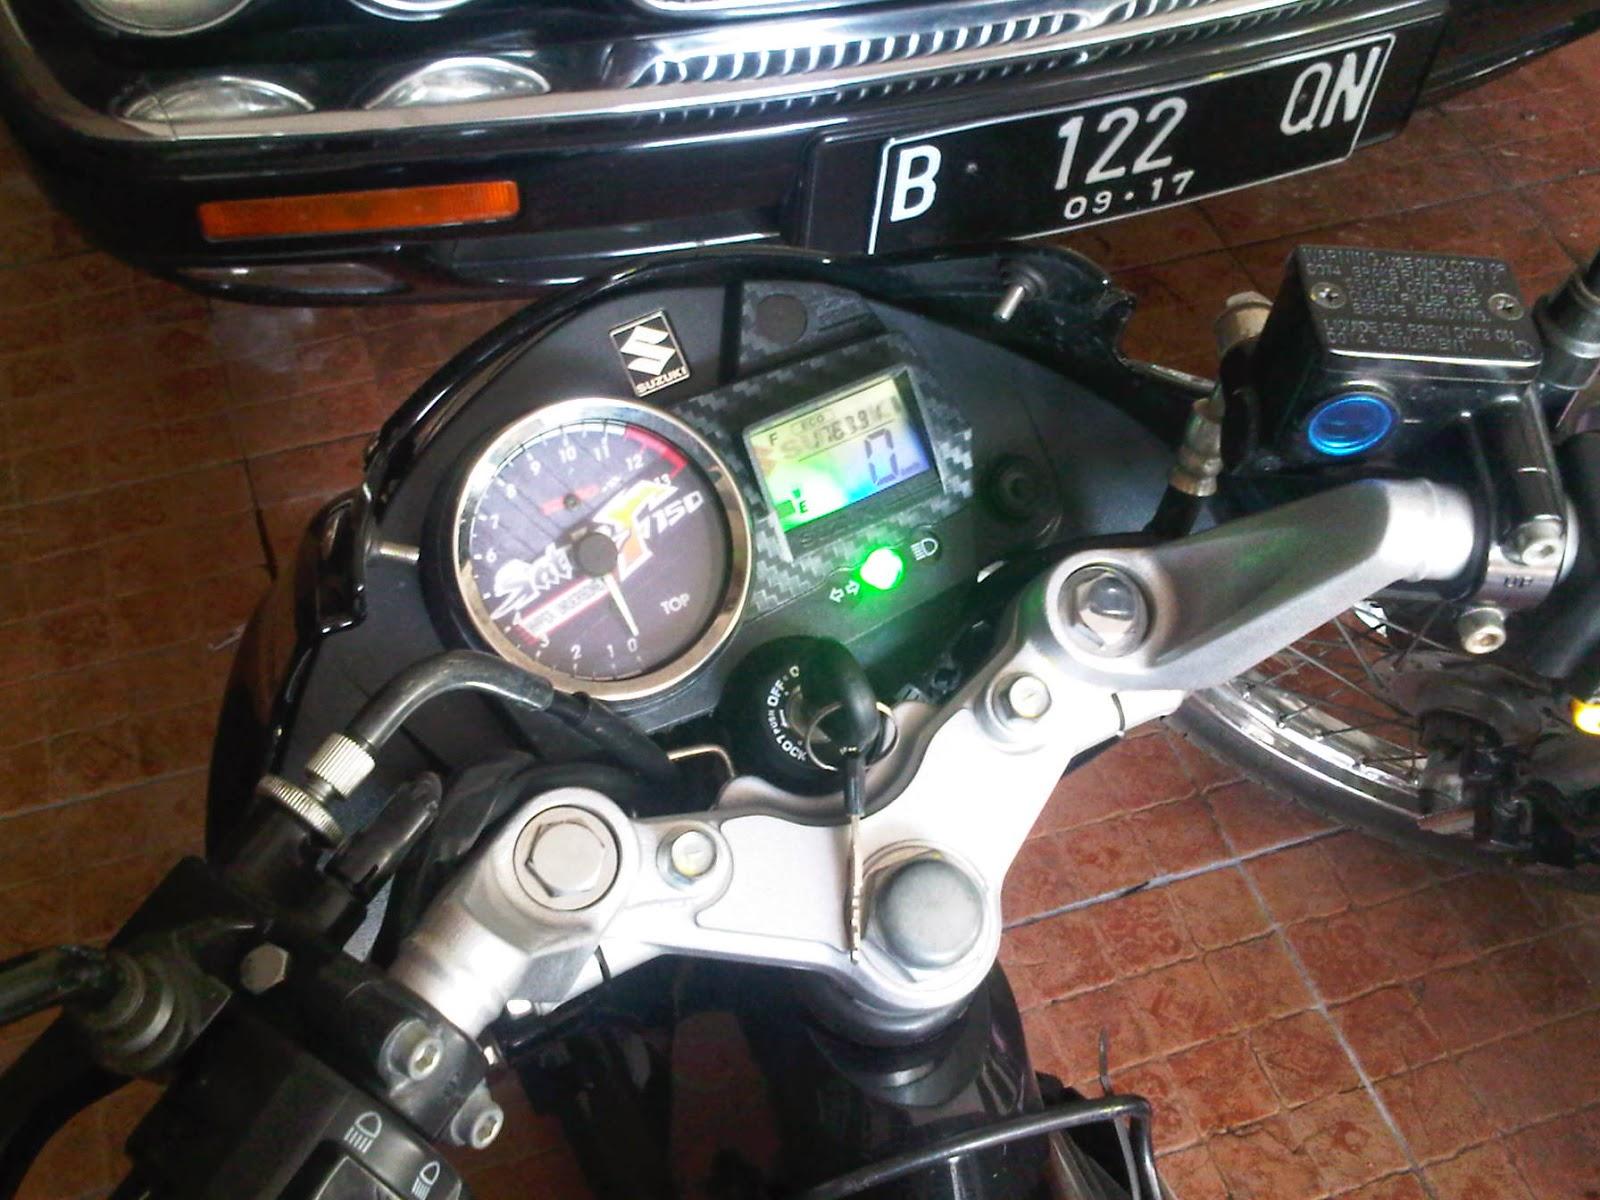 Mendol Umah Gedek: Variasi tampilan RPM speedometer satria FU 150